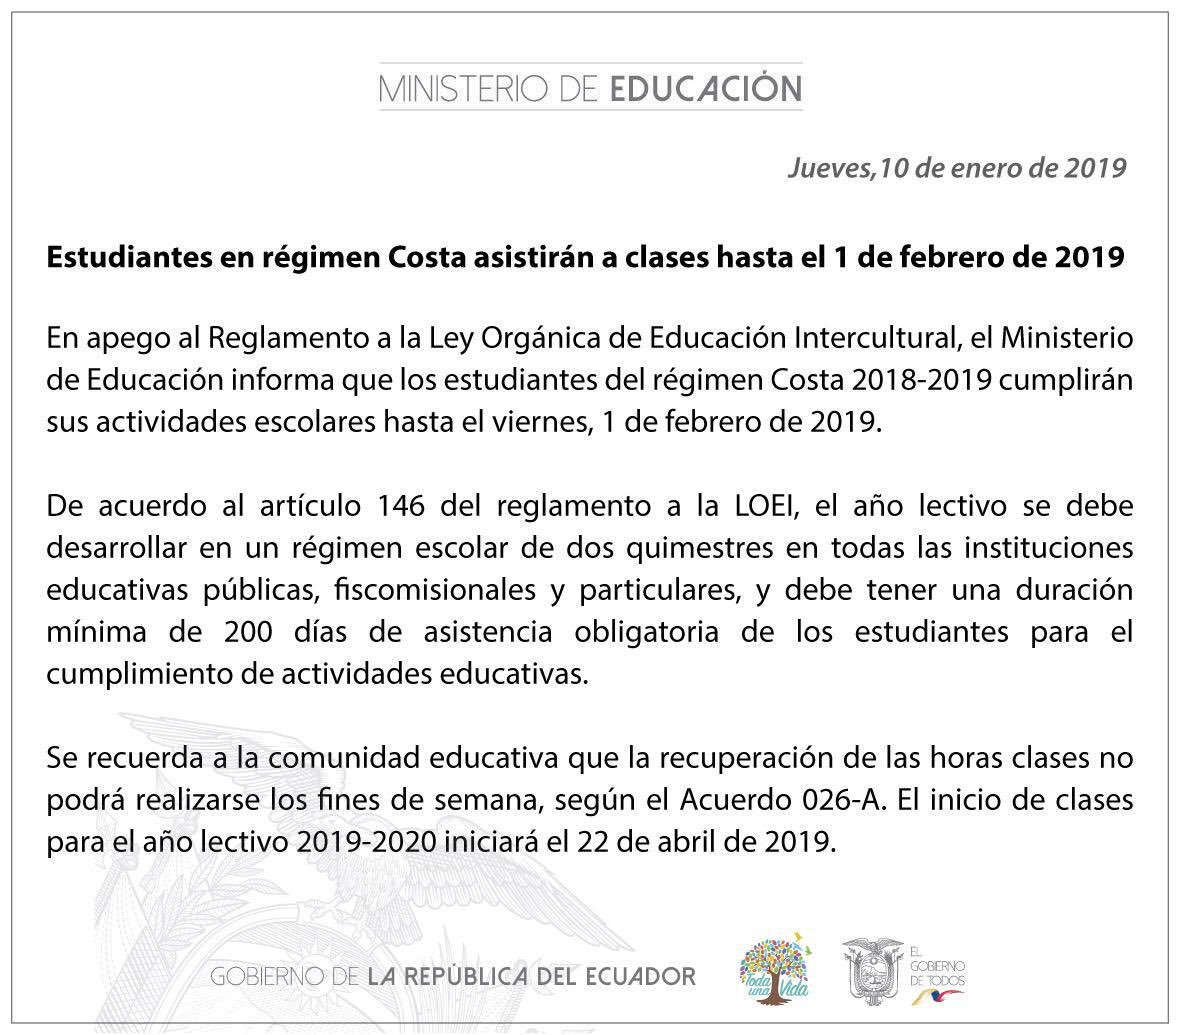 Las clases en el régimen Costa terminarán el 1 de febrero